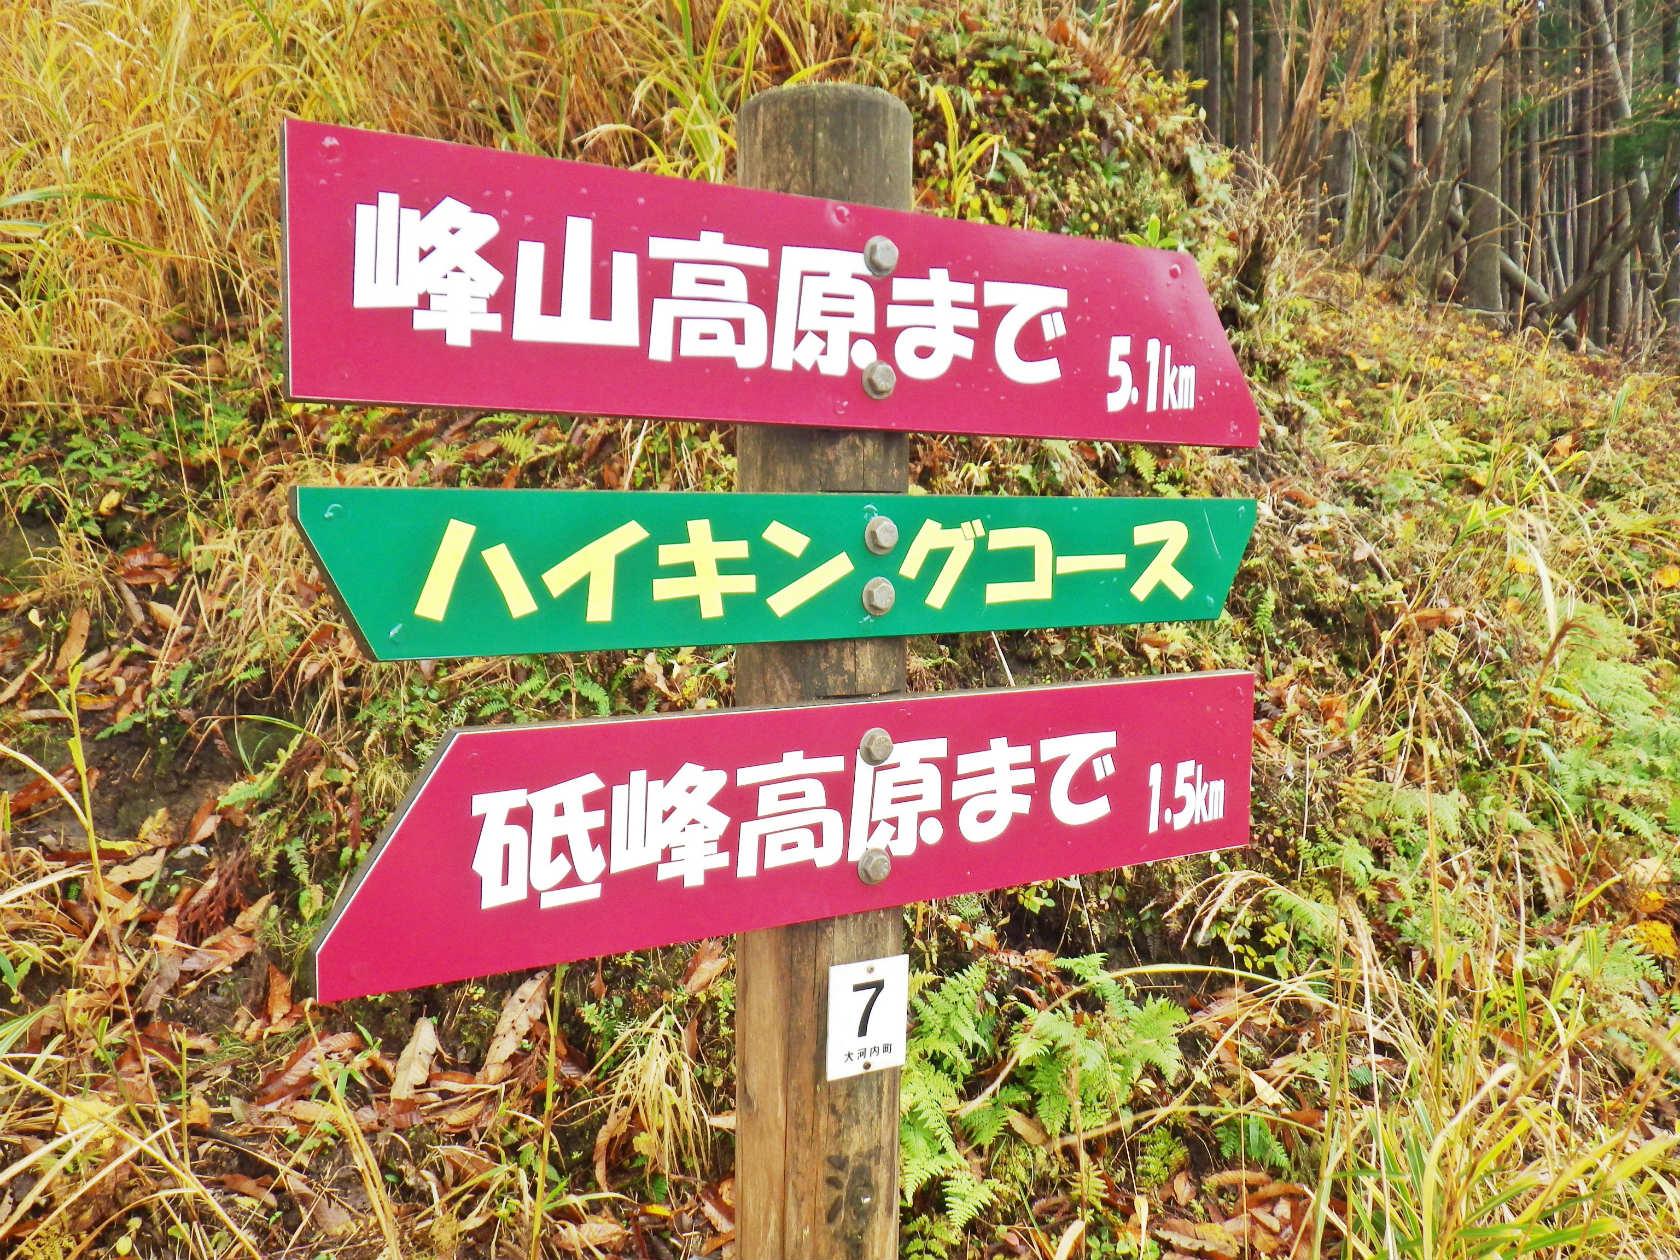 15a 峰山高原への標識